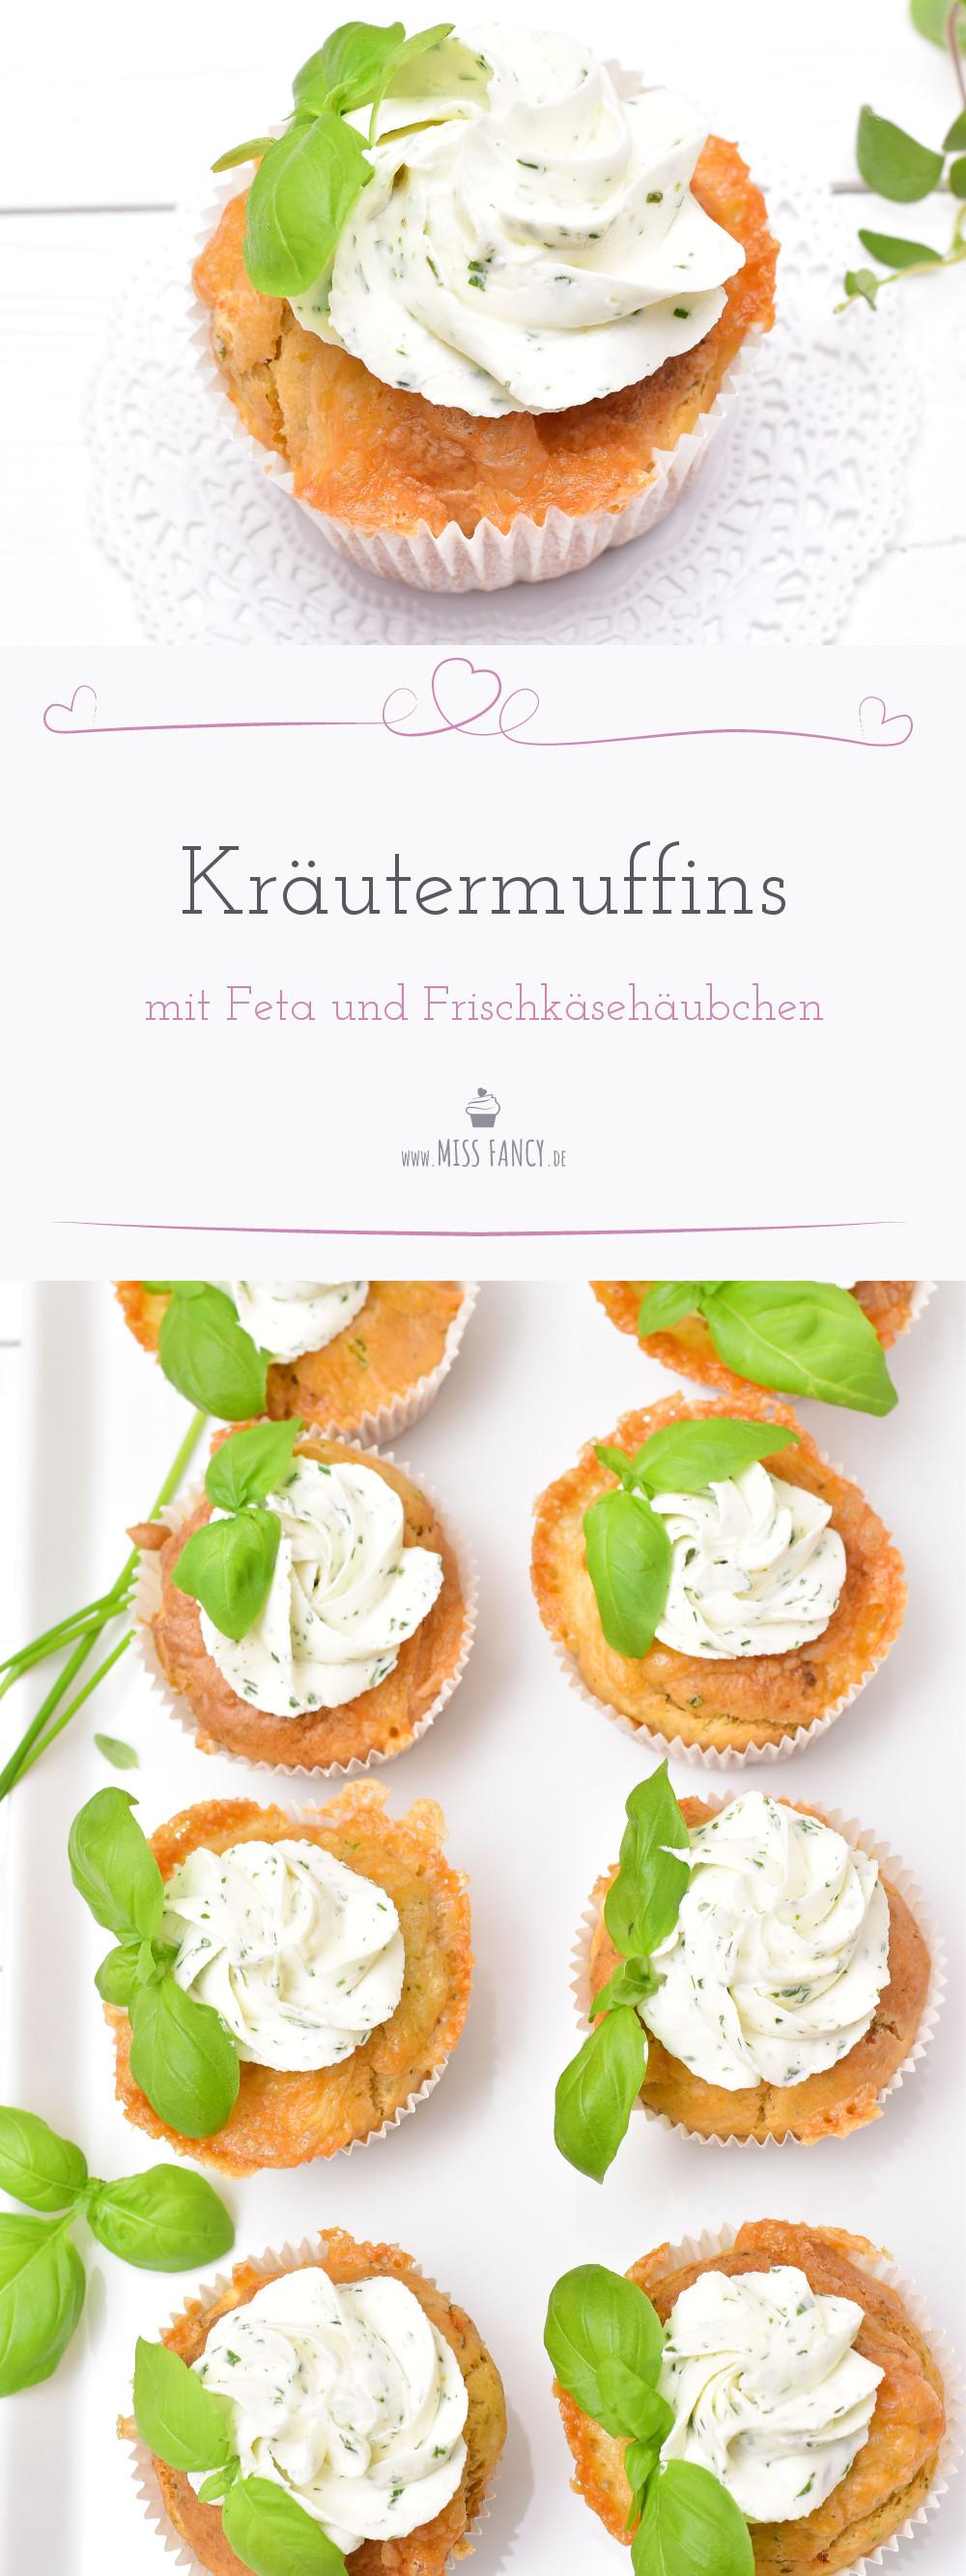 Rezept-frische-Kräutermuffins-Frischkäsehäubchen